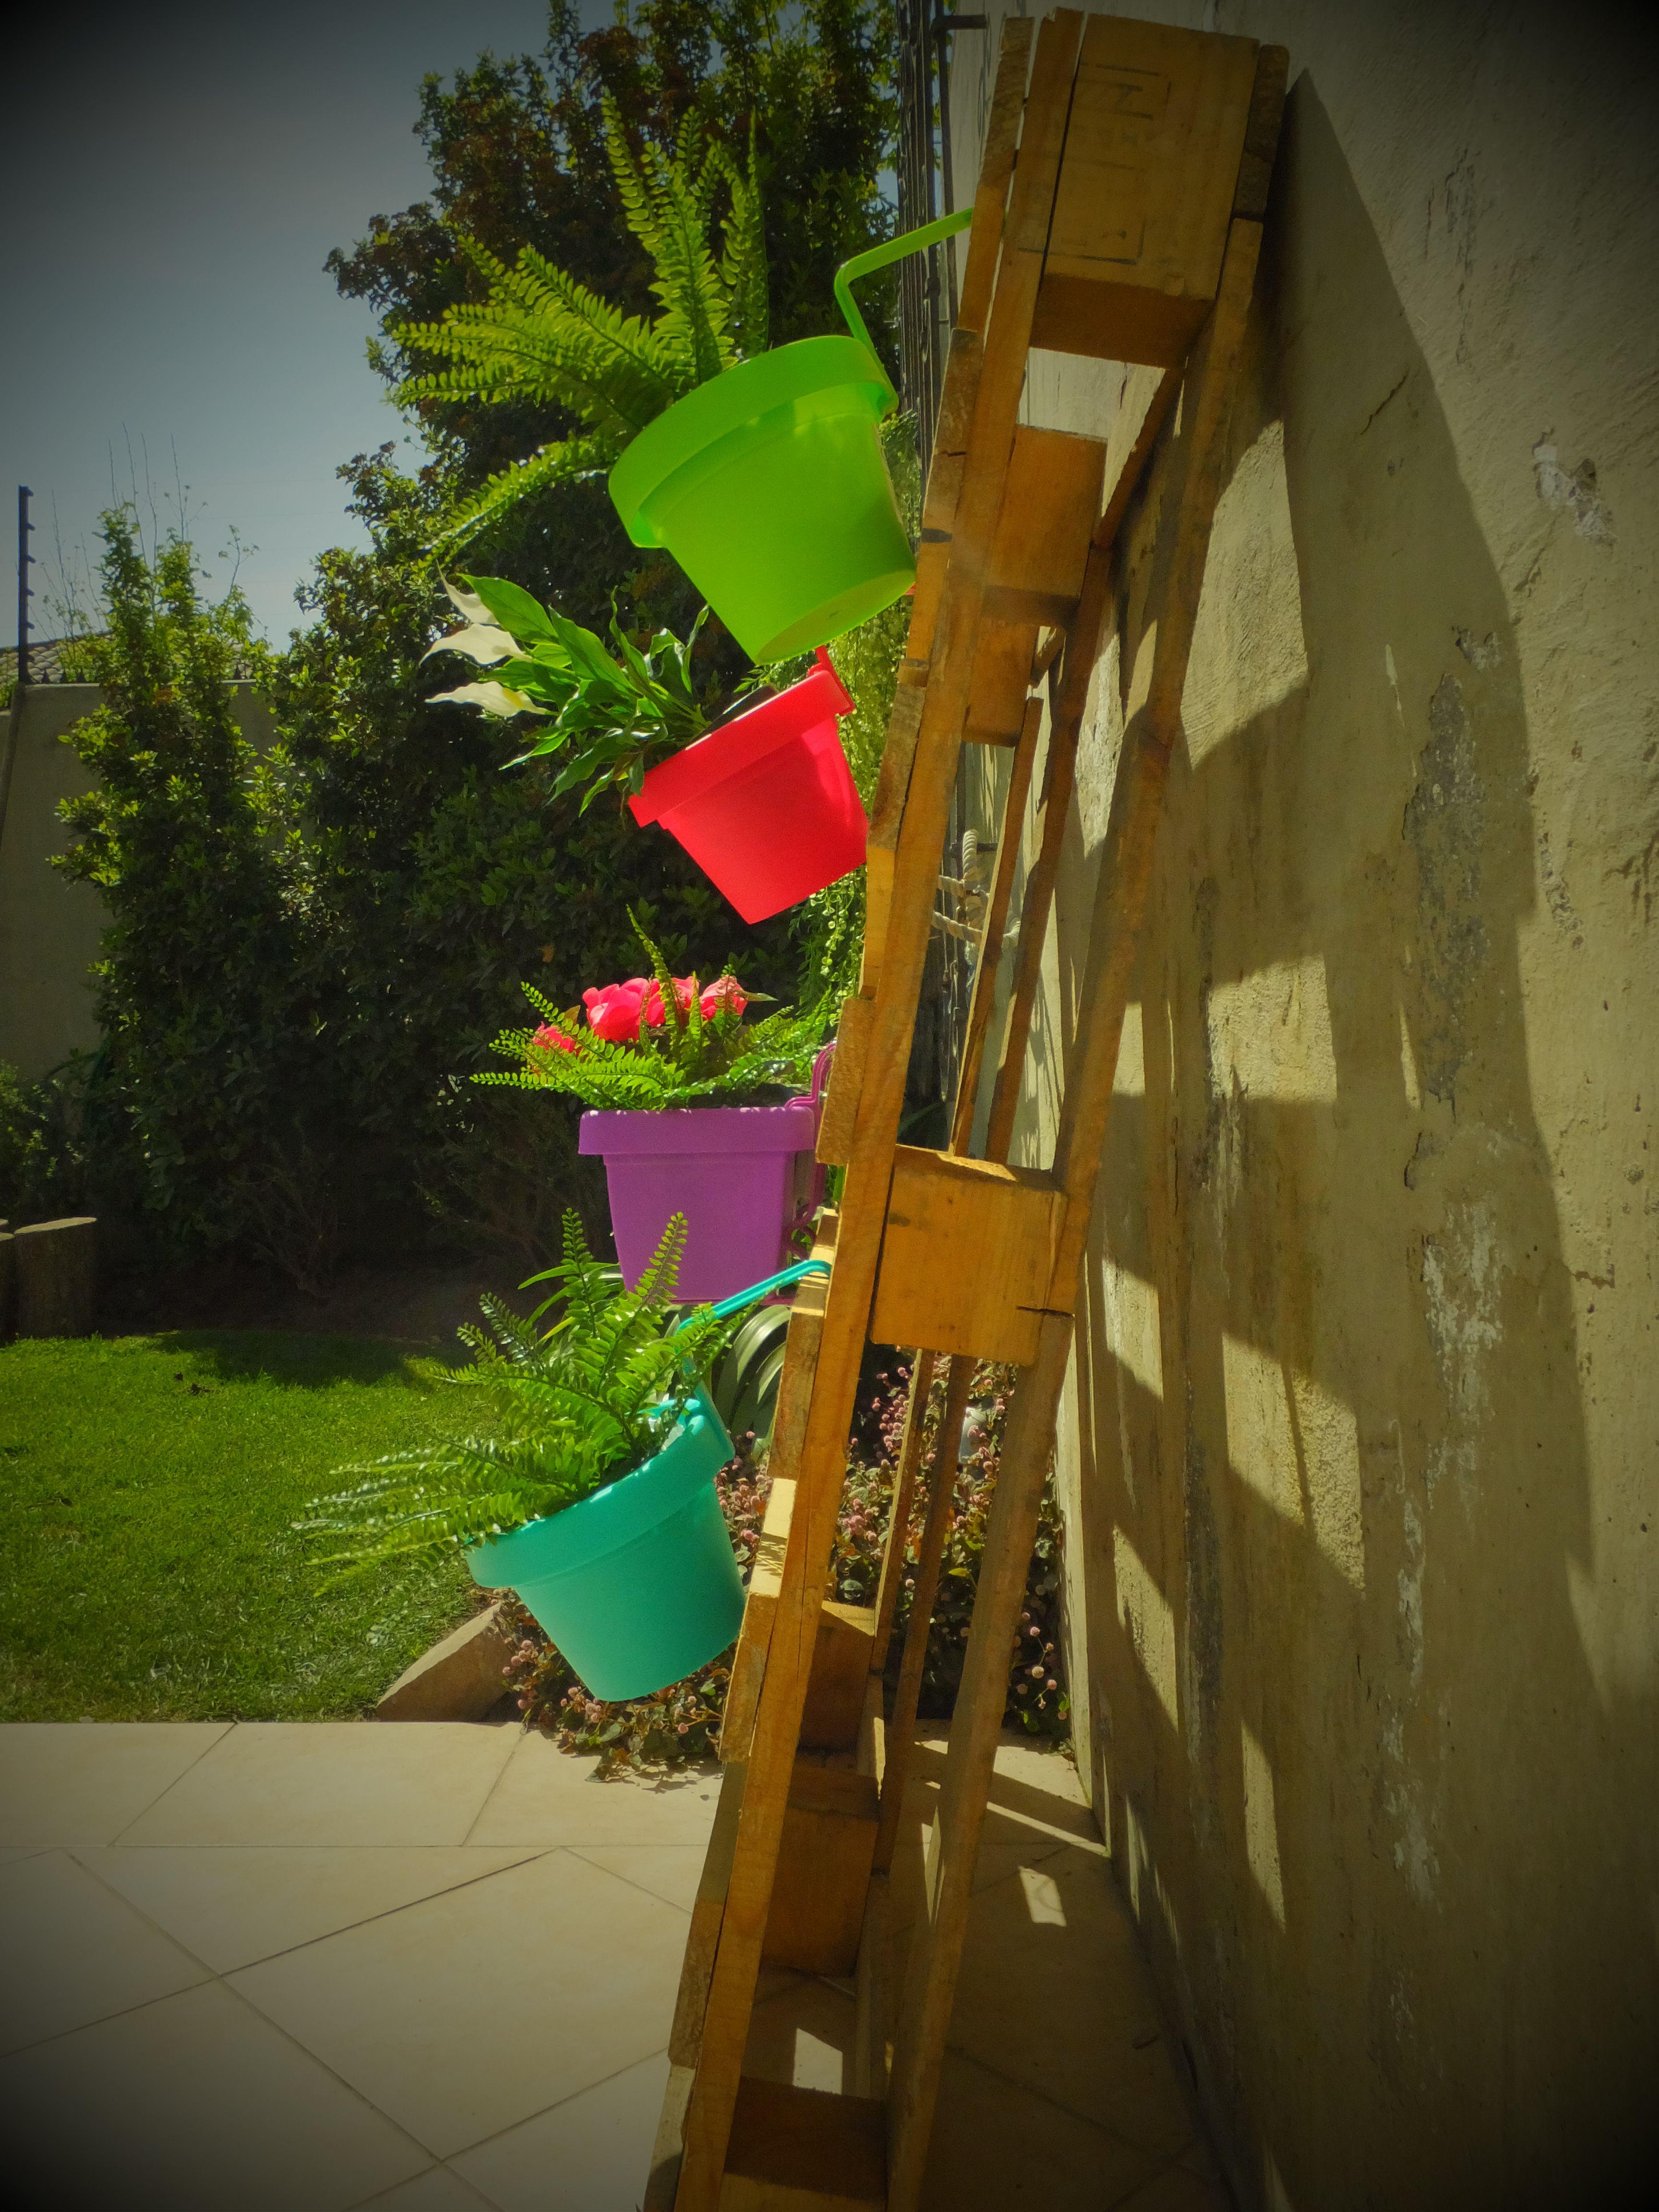 Jardineras de colores jardineras de color terroso en - Jardineras de colores ...